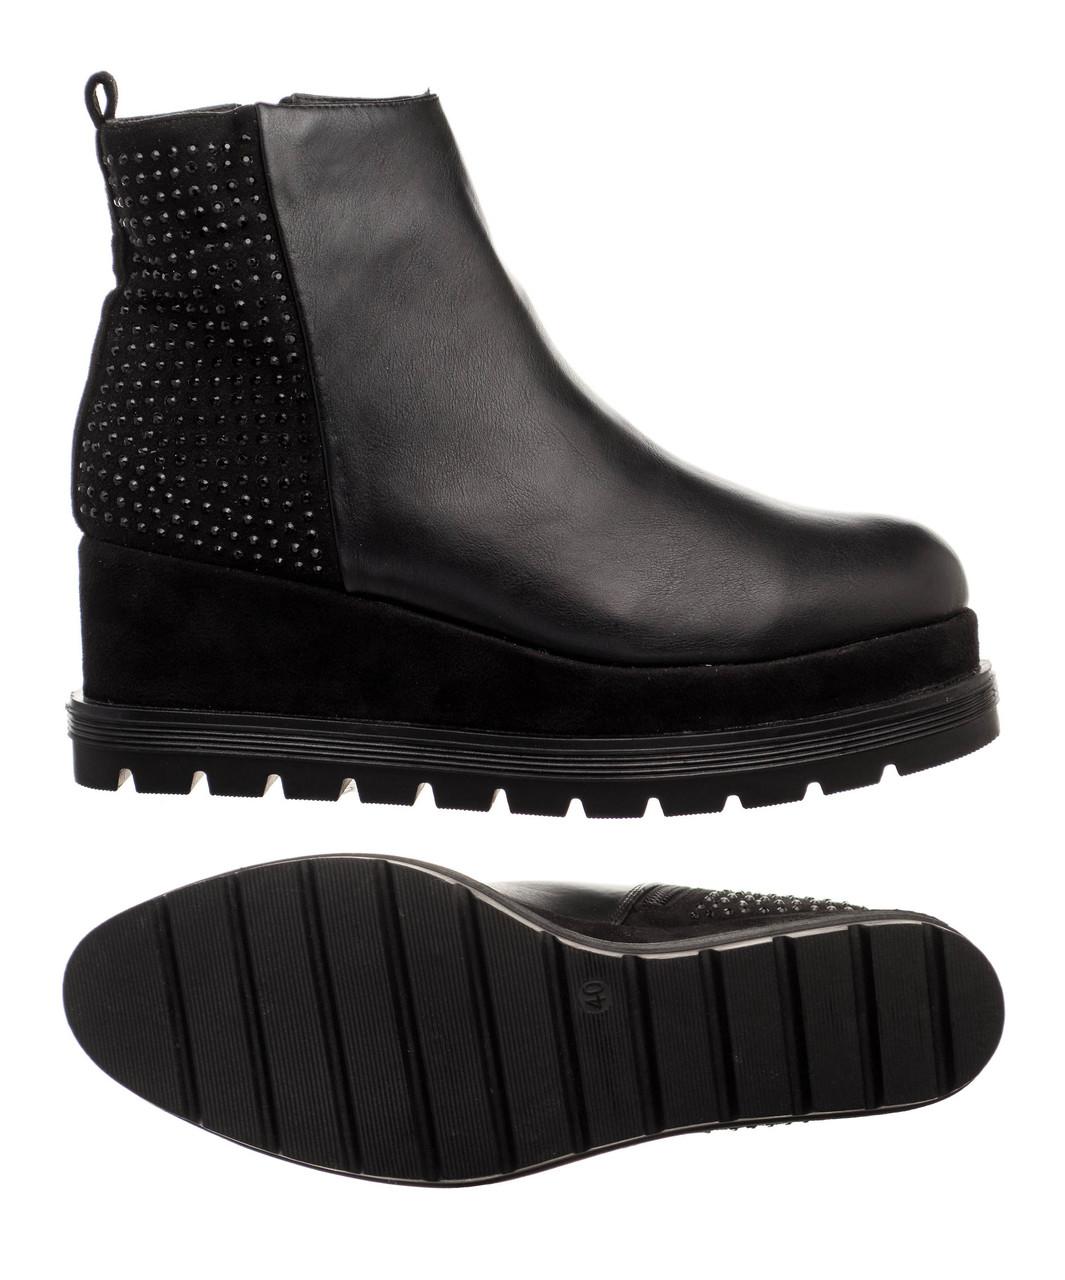 Жіночі черевики Tata Stivaletti 40 Black